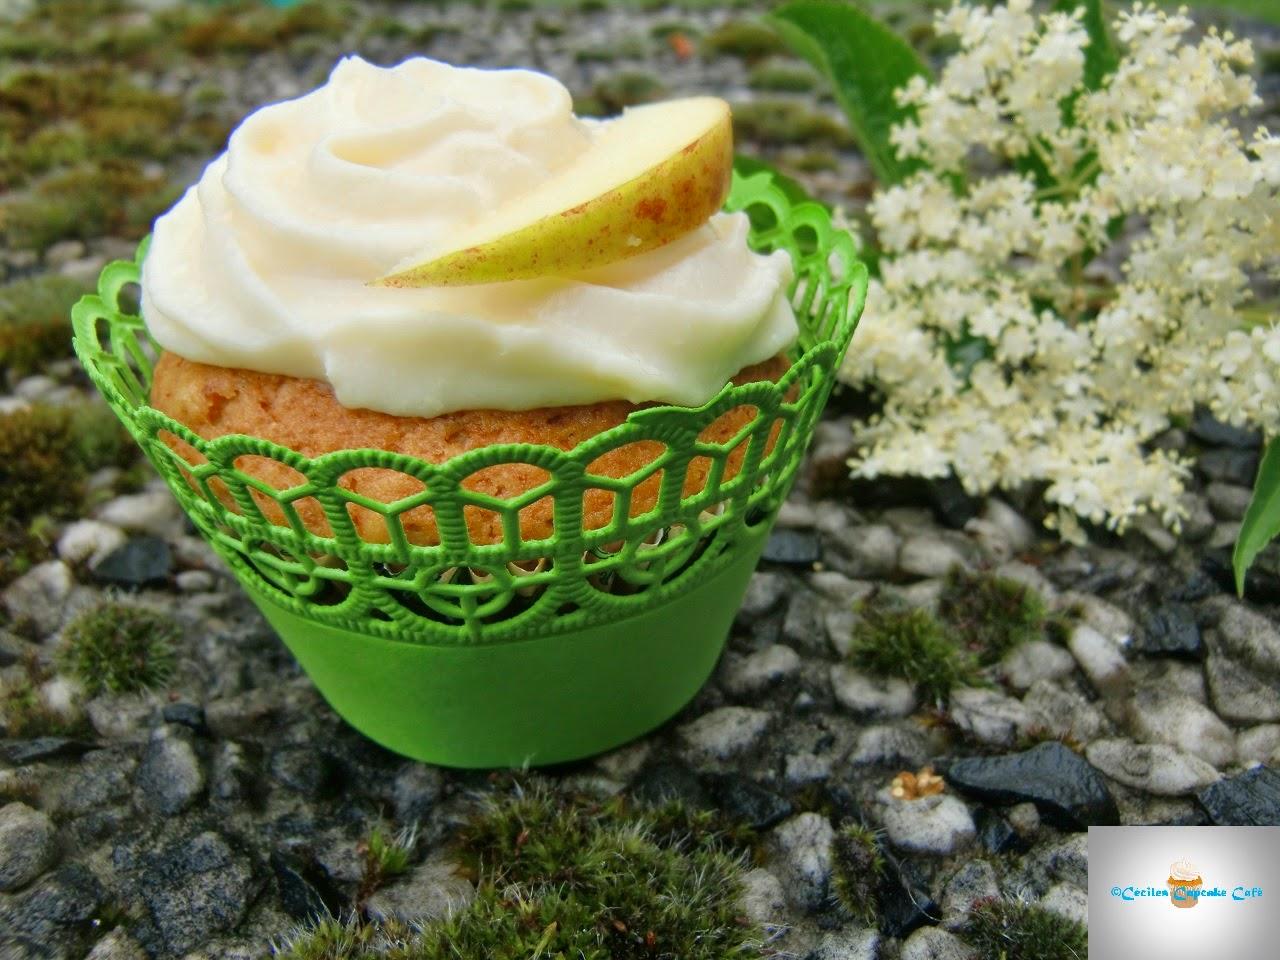 http://cecilecupcakecafe.blogspot.de/2014/06/apfel-holunderbluten-cupcakes.html